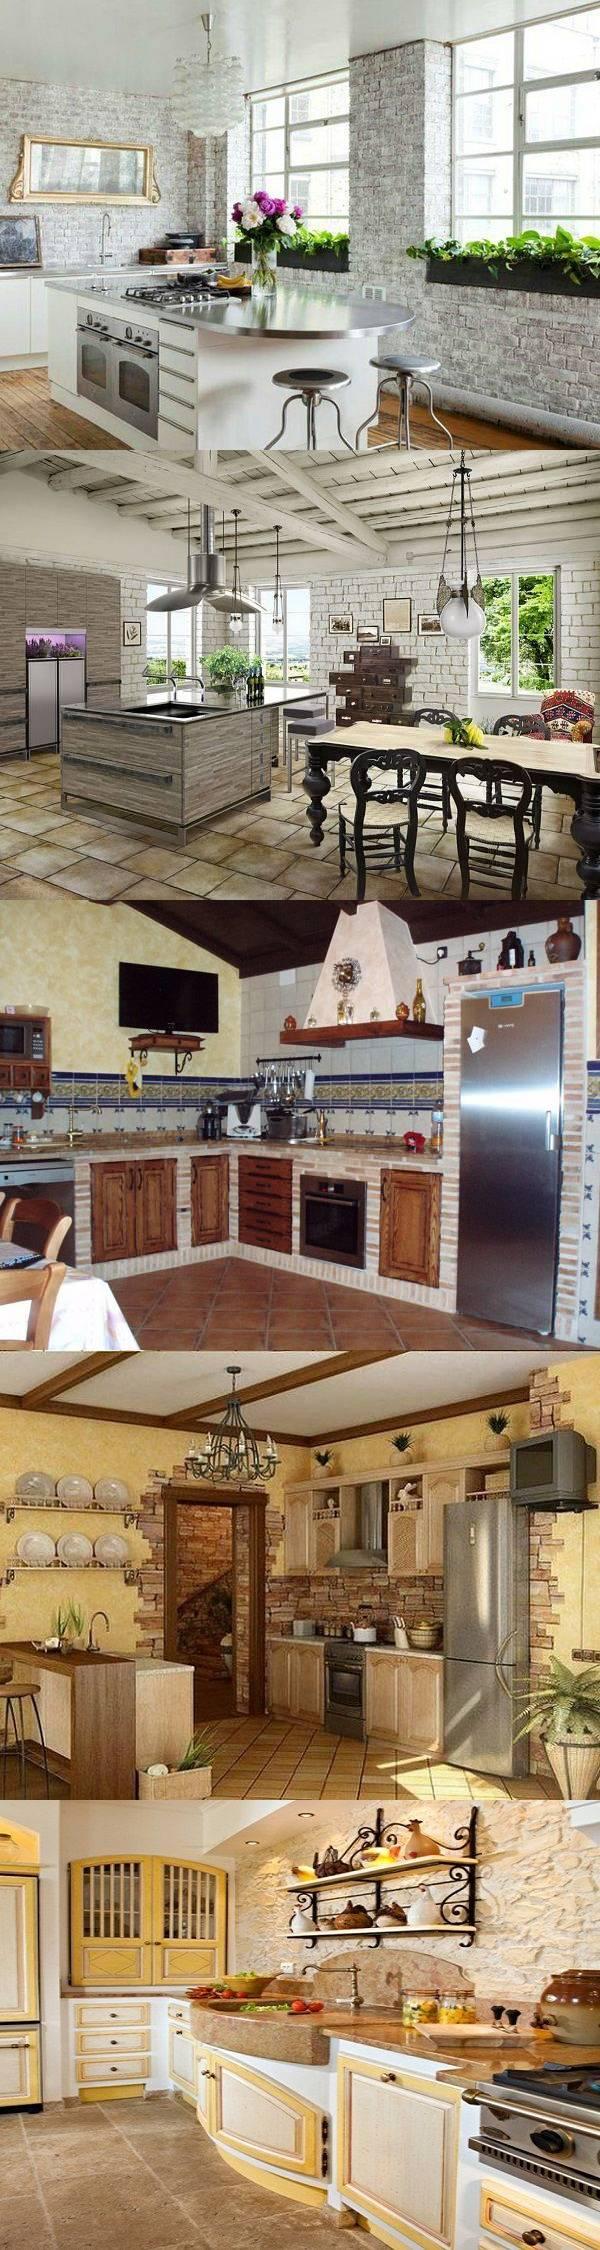 Отделка кухни камнем — 27 идей